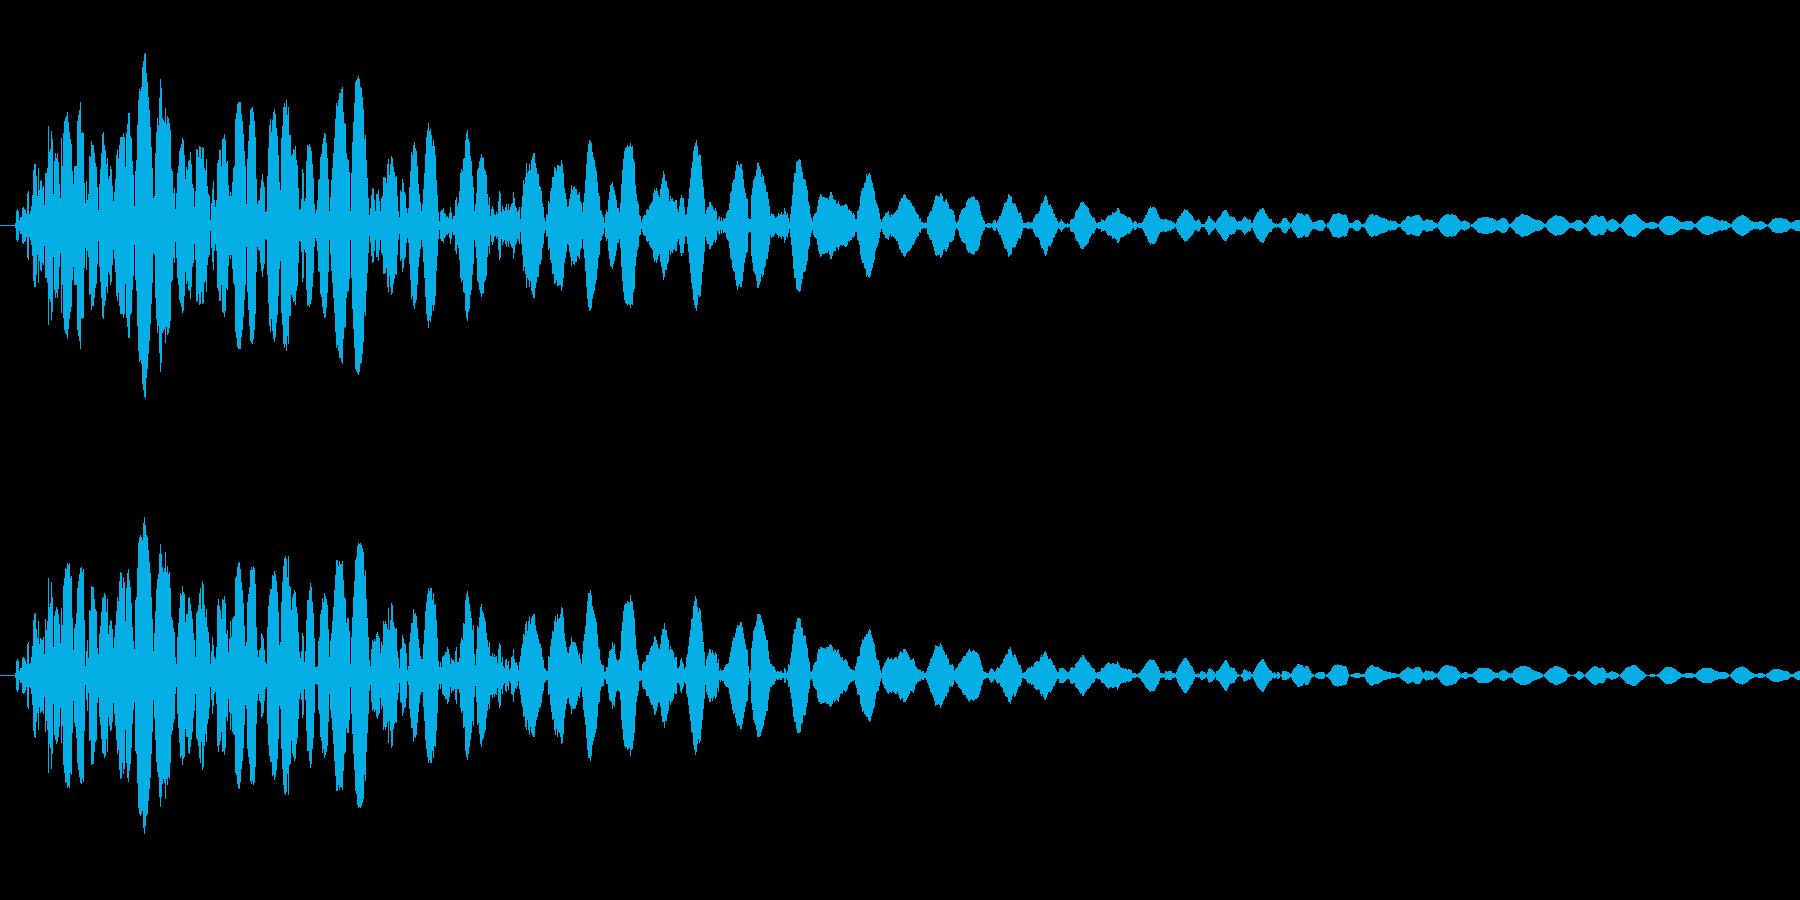 [効果音]壁ドン、打撃の再生済みの波形